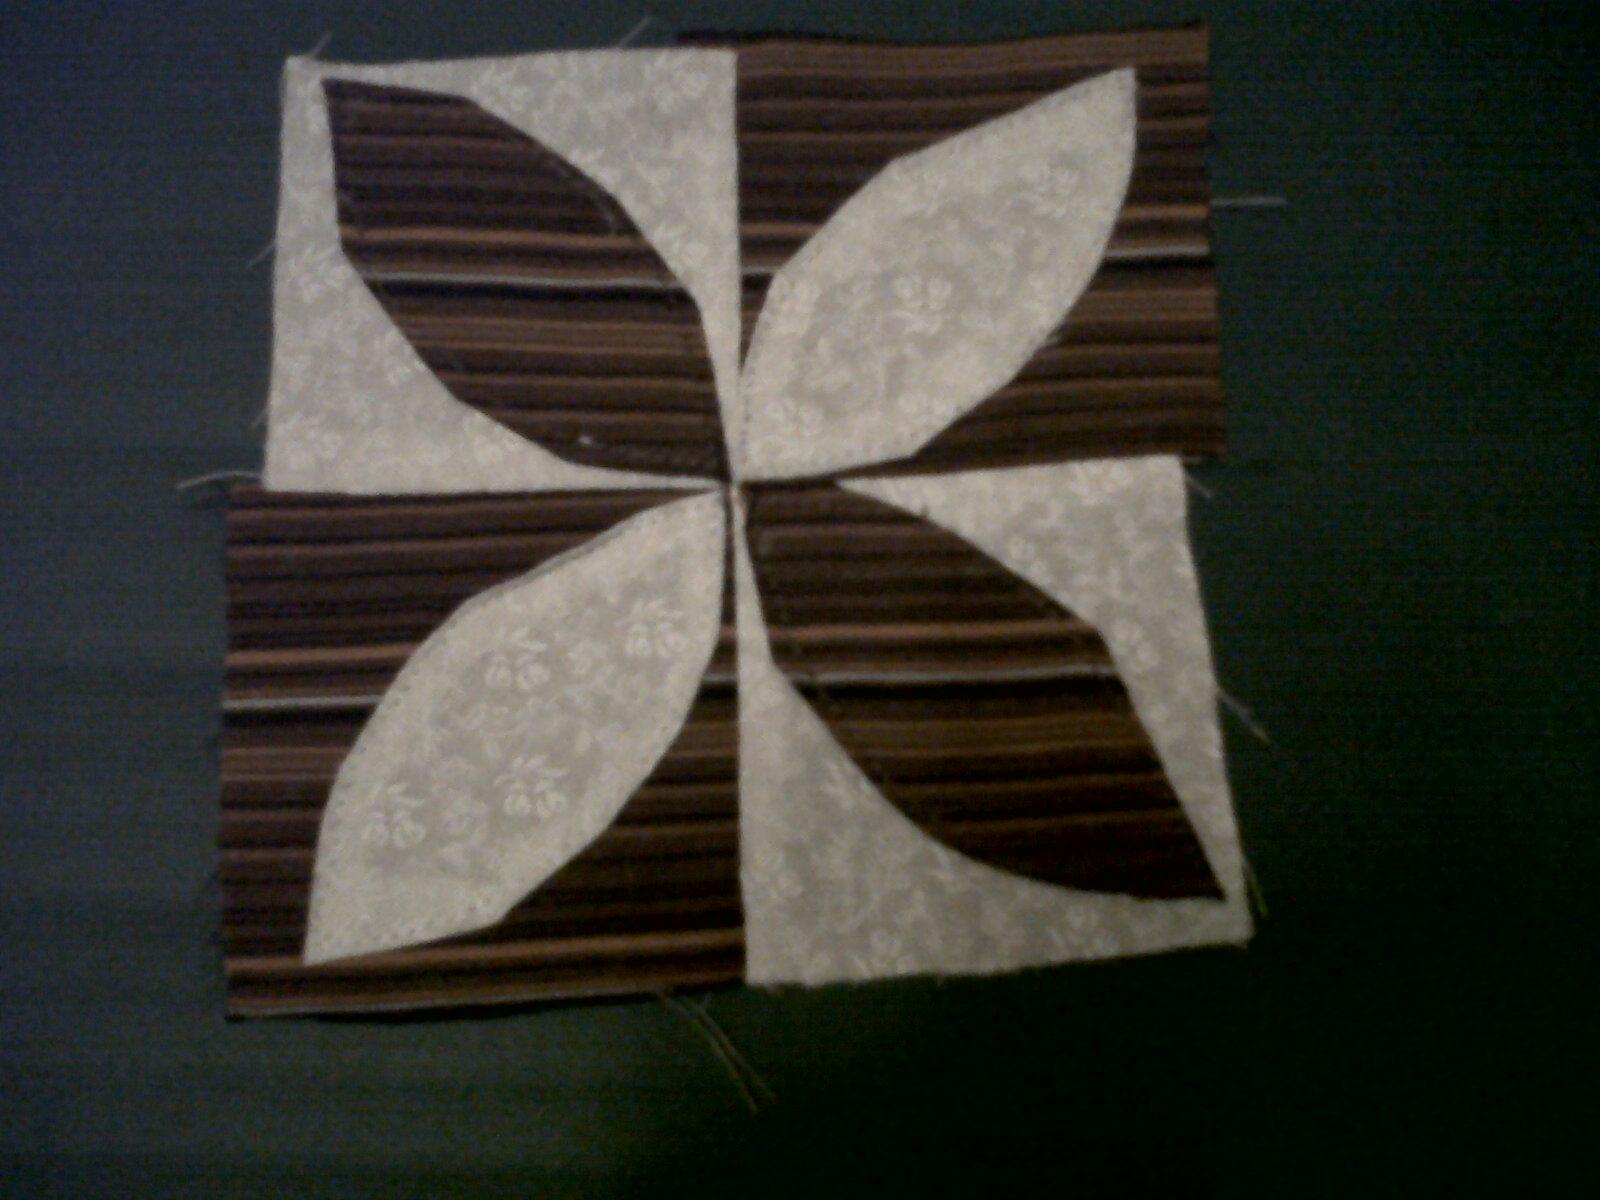 Labores artesanas mas bloques del dear jean - Almazuelas patrones gratis ...